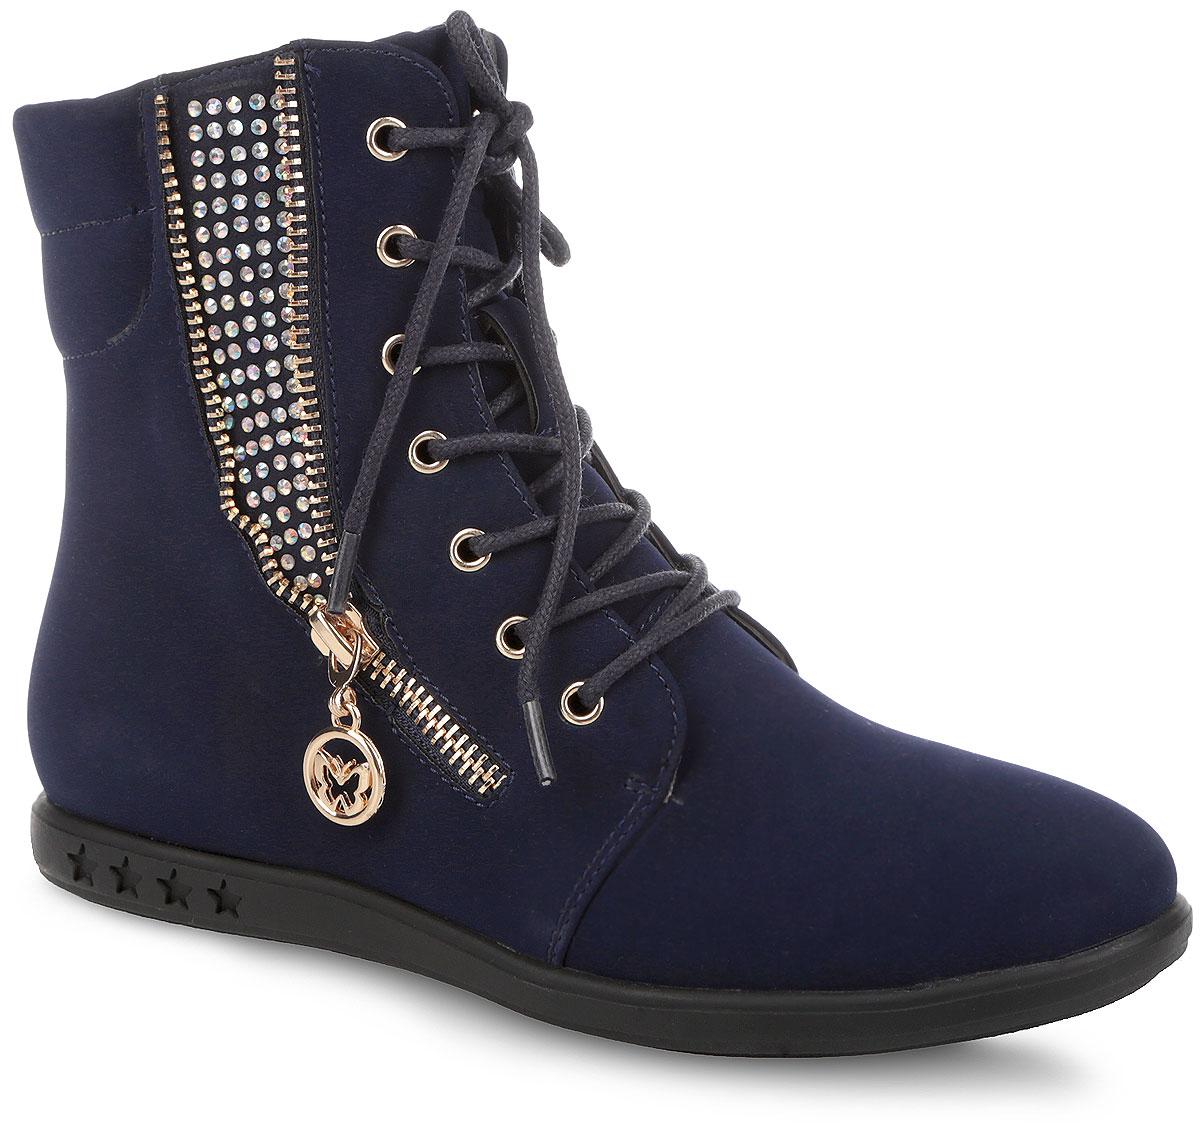 Ботинки для девочки. SY-X15-356 (ADO-006)SY-X15-356 (ADO-006)Сногсшибательные ботинки от Adagio приведут в восторг юную модницу! Модель выполнена из искусственной кожи и оформлена на подошве тиснением в виде звезд, сбоку - стразами, декоративной молнией с бегунком в виде бабочки. Ботинки застегиваются на застежку-молнию, расположенную на одной из боковых сторон. Шнуровка прочно зафиксирует обувь на ноге. Подкладка и стелька, исполненные из мягкого текстиля, комфортны при ходьбе. Подошва с рифлением защищает изделие от скольжения. Удобные и модные ботинки - необходимая вещь в гардеробе каждого ребенка.